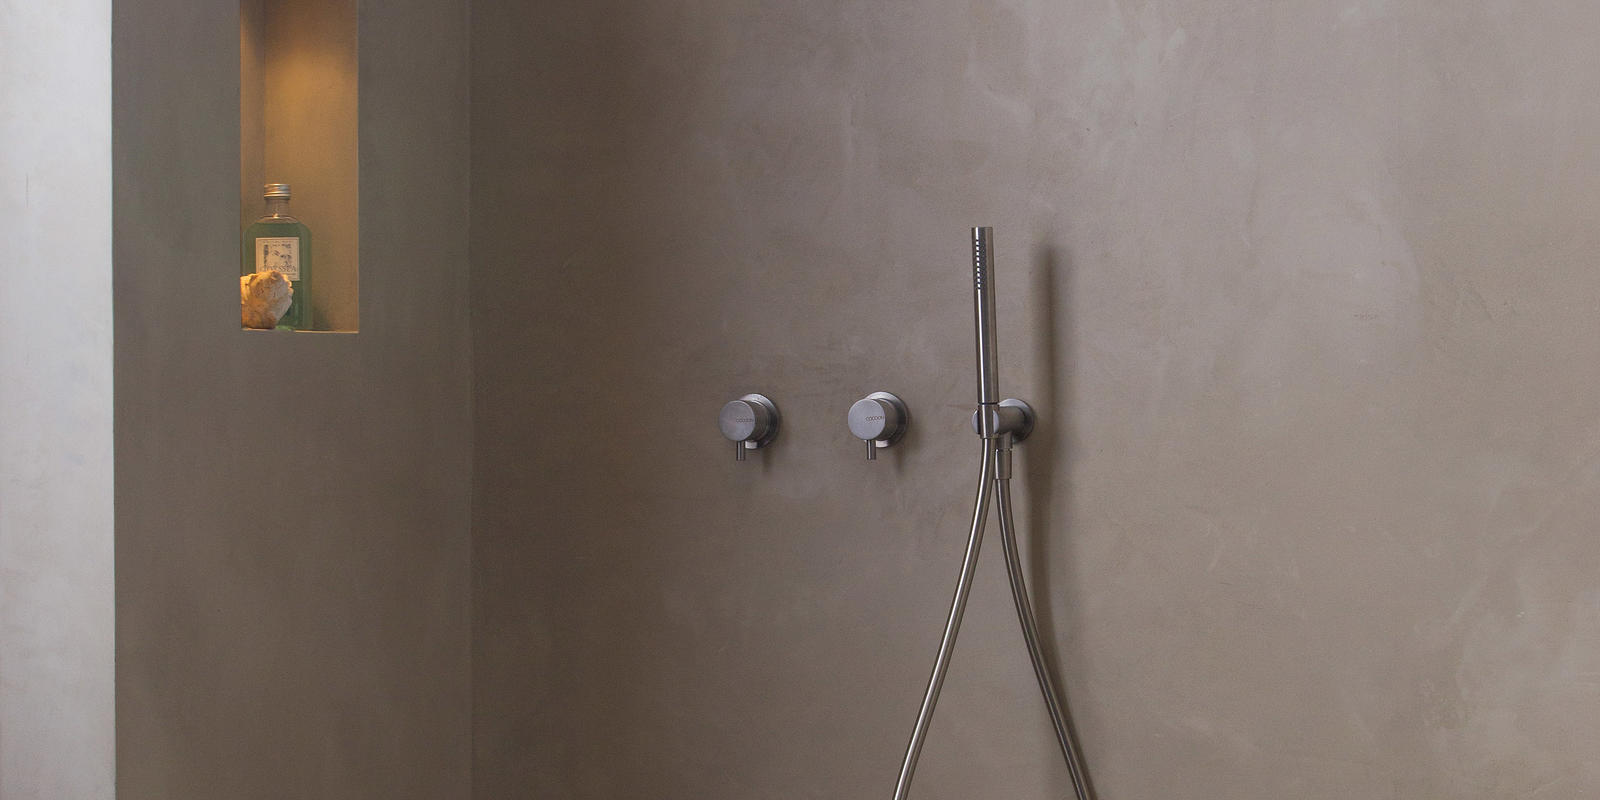 Betonlook badkamer | Voorbeelden & inspiratie | Slimster